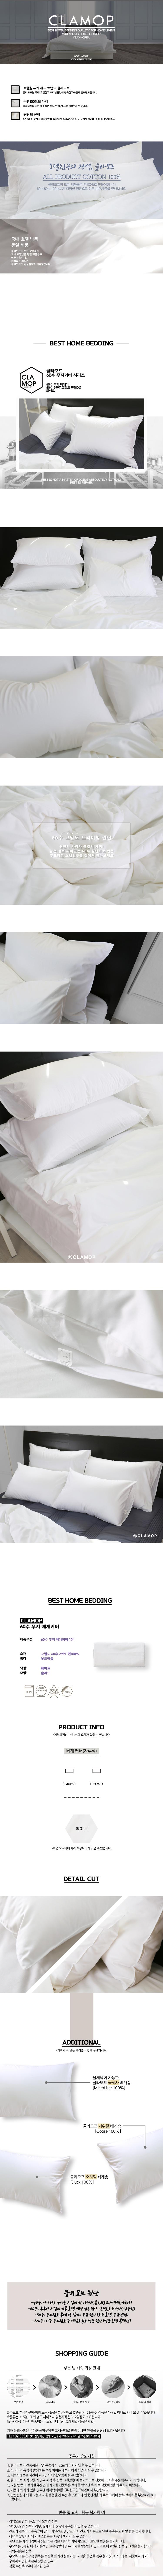 클라모프 - 60수 299T 고밀도 무지 베개커버6,000원-한국침구예진패브릭, 베개/솜/속통, 베개, 베개 커버바보사랑클라모프 - 60수 299T 고밀도 무지 베개커버6,000원-한국침구예진패브릭, 베개/솜/속통, 베개, 베개 커버바보사랑